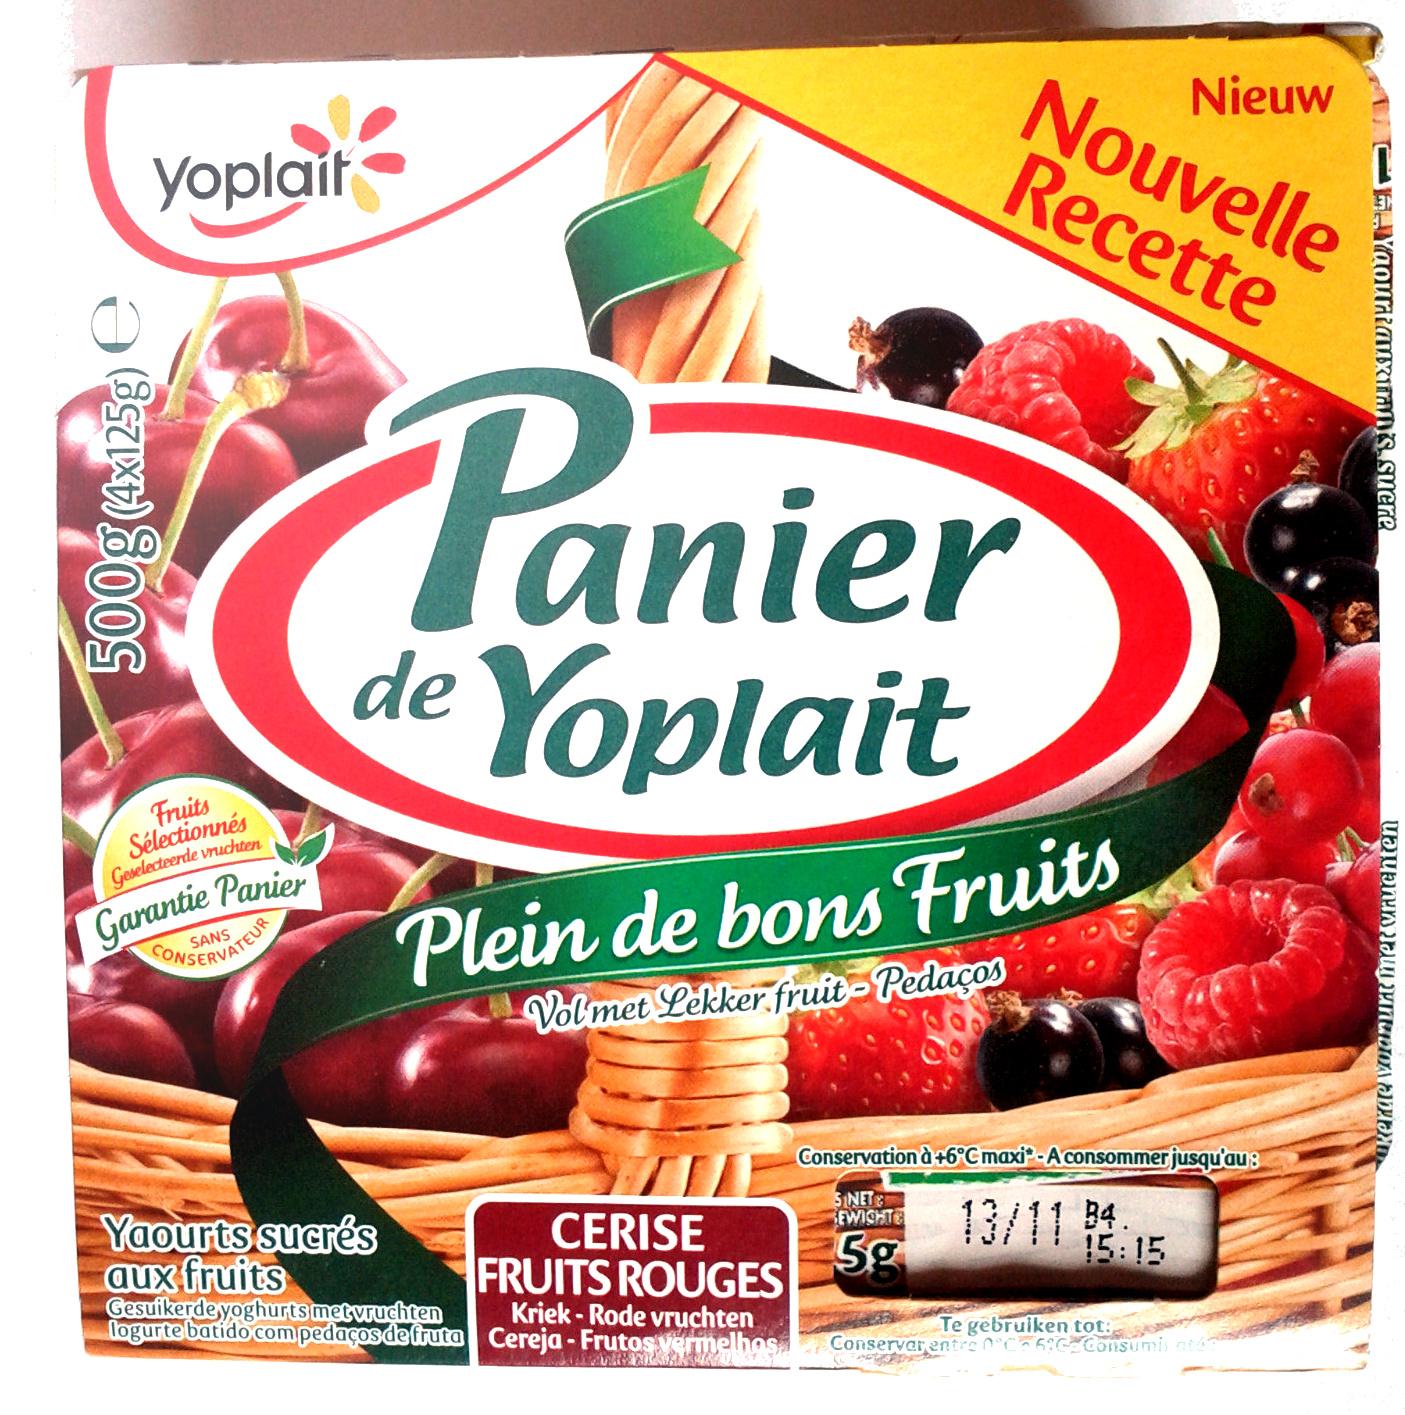 Panier de Yoplait Cerise, Fruits rouges - Product